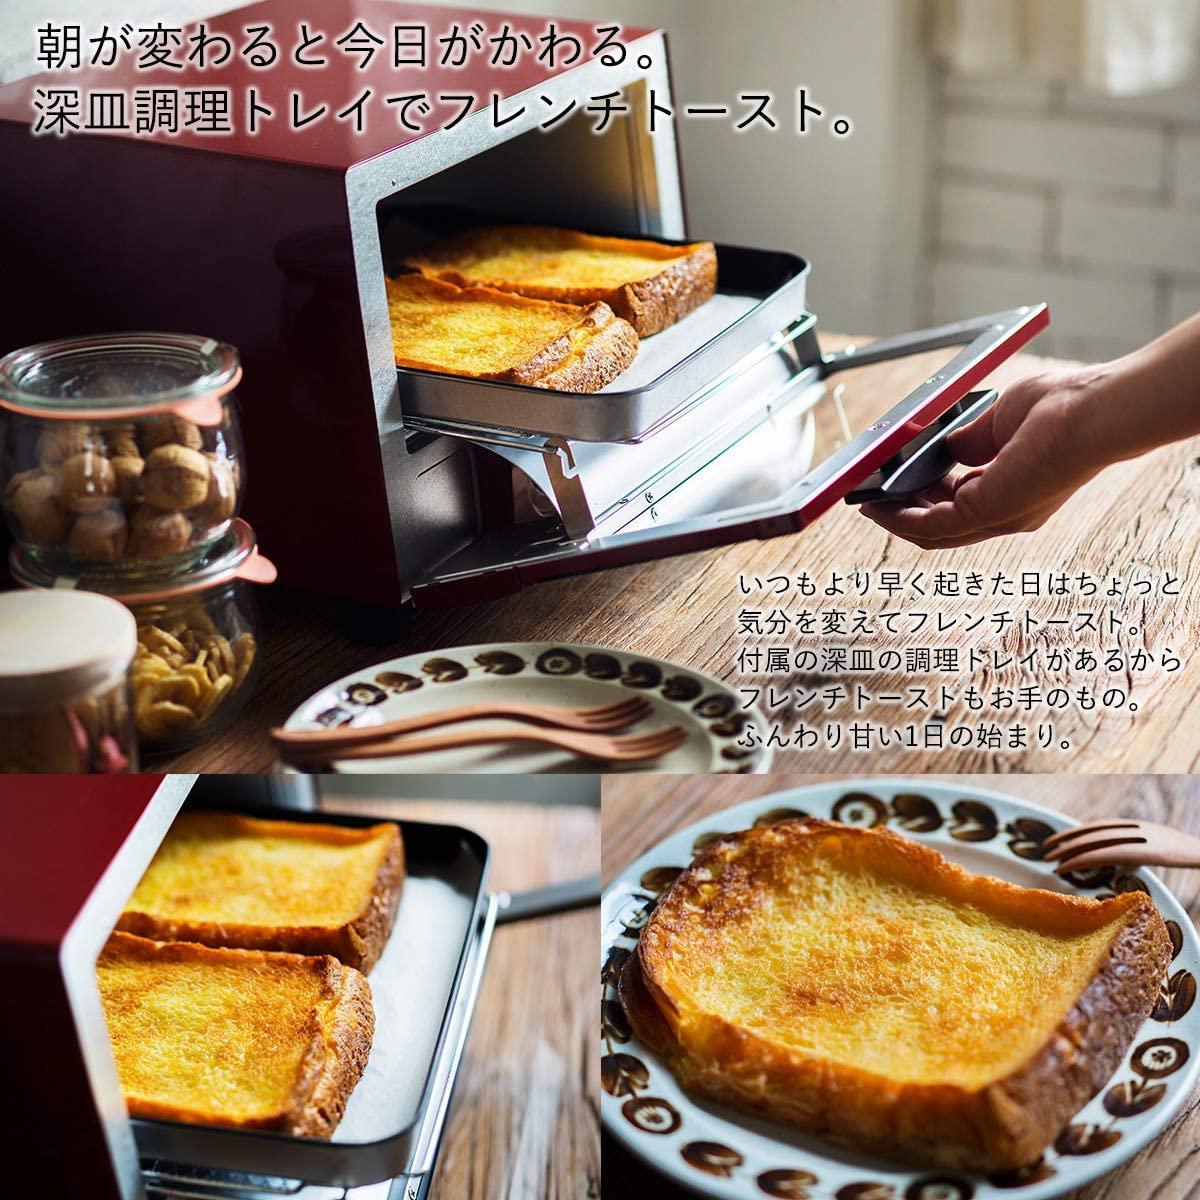 タイガー魔法瓶(たいがーまほうびん)オーブントースターKAE-G13Nの商品画像7